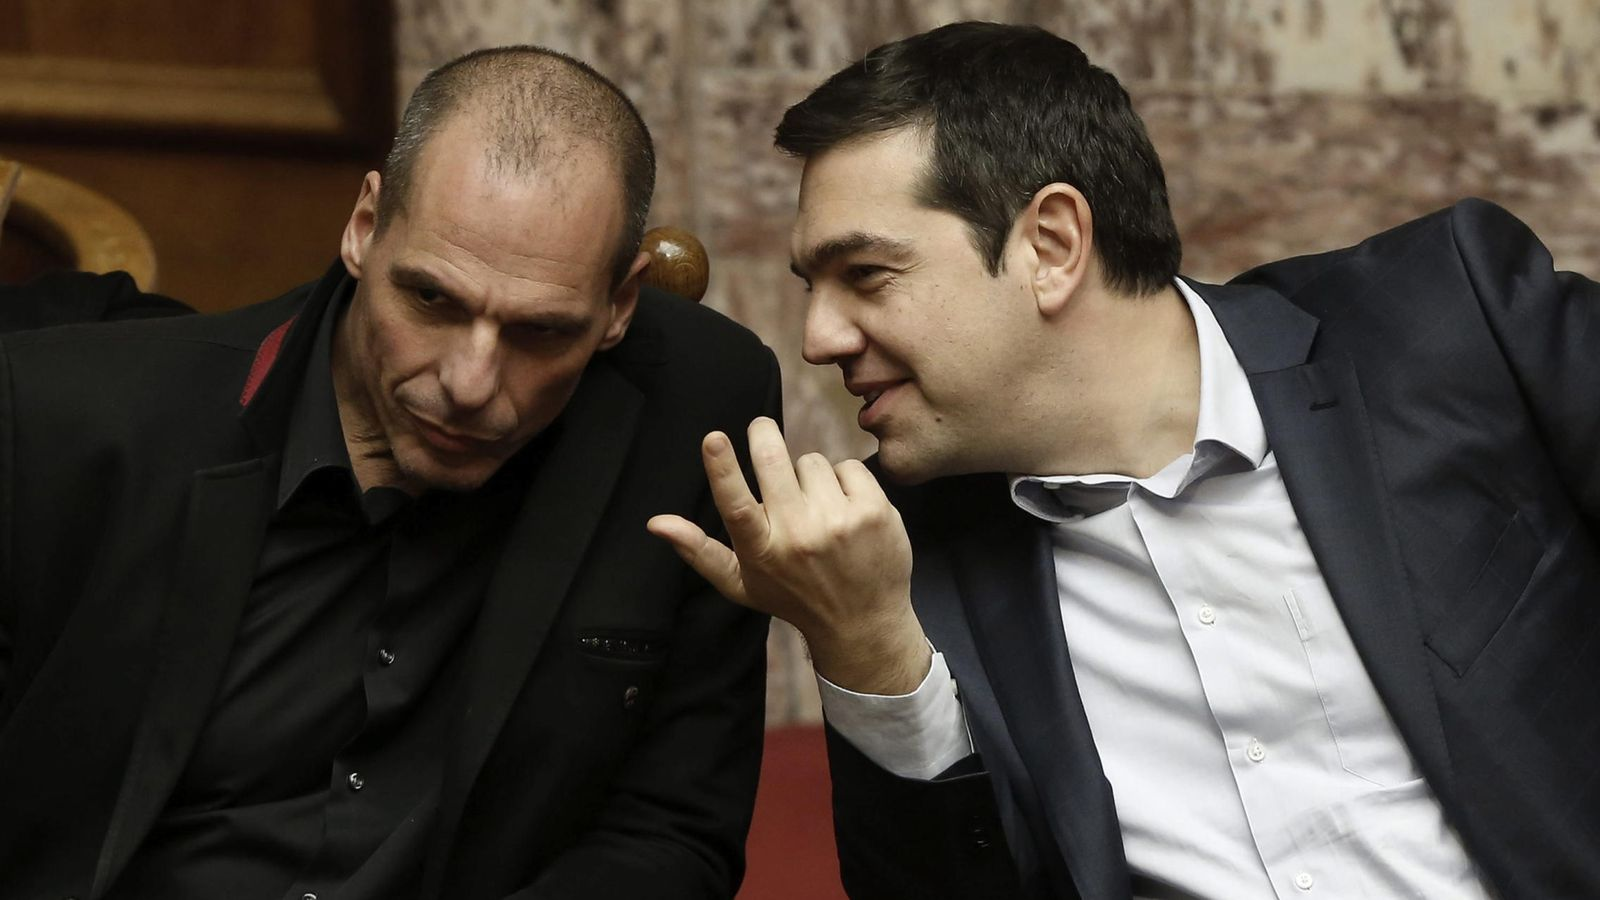 Foto: El primer ministro griego Alexis Tsipras y el ministro de Finanzas Yanis Varufakis. (Efe)